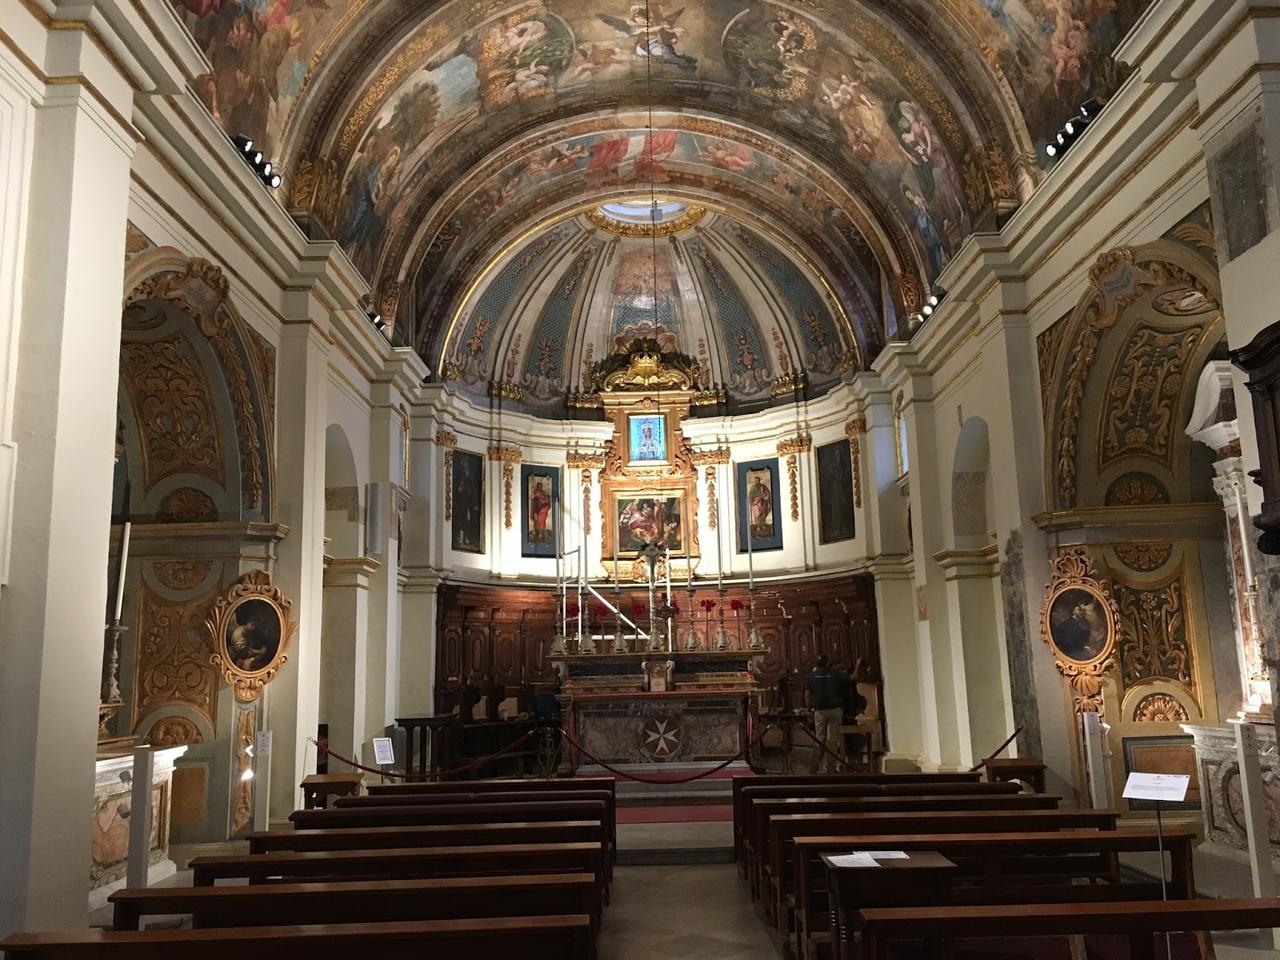 Hw87o_1SLWs Церковь Пресвятой Богородицы Побед в Валлетте.